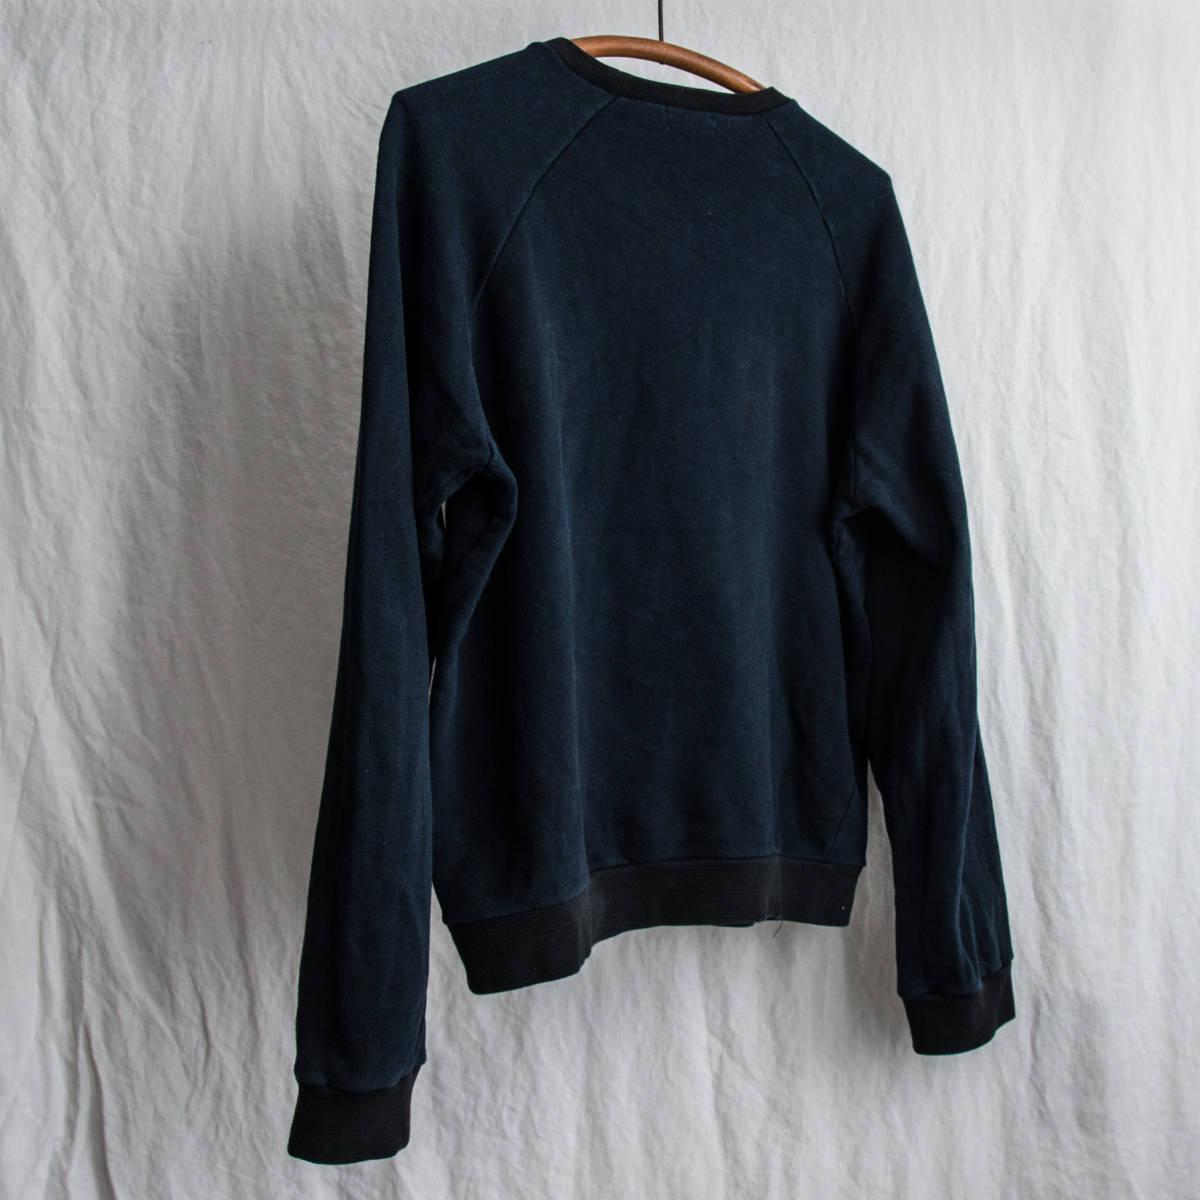 1990's HELMUT LANG 2-Tone Sweat Shirt 1998 Made in Italy / ビンテージ オールド ヘルムートラング スウェット シャツ イタリア製 古着_画像3